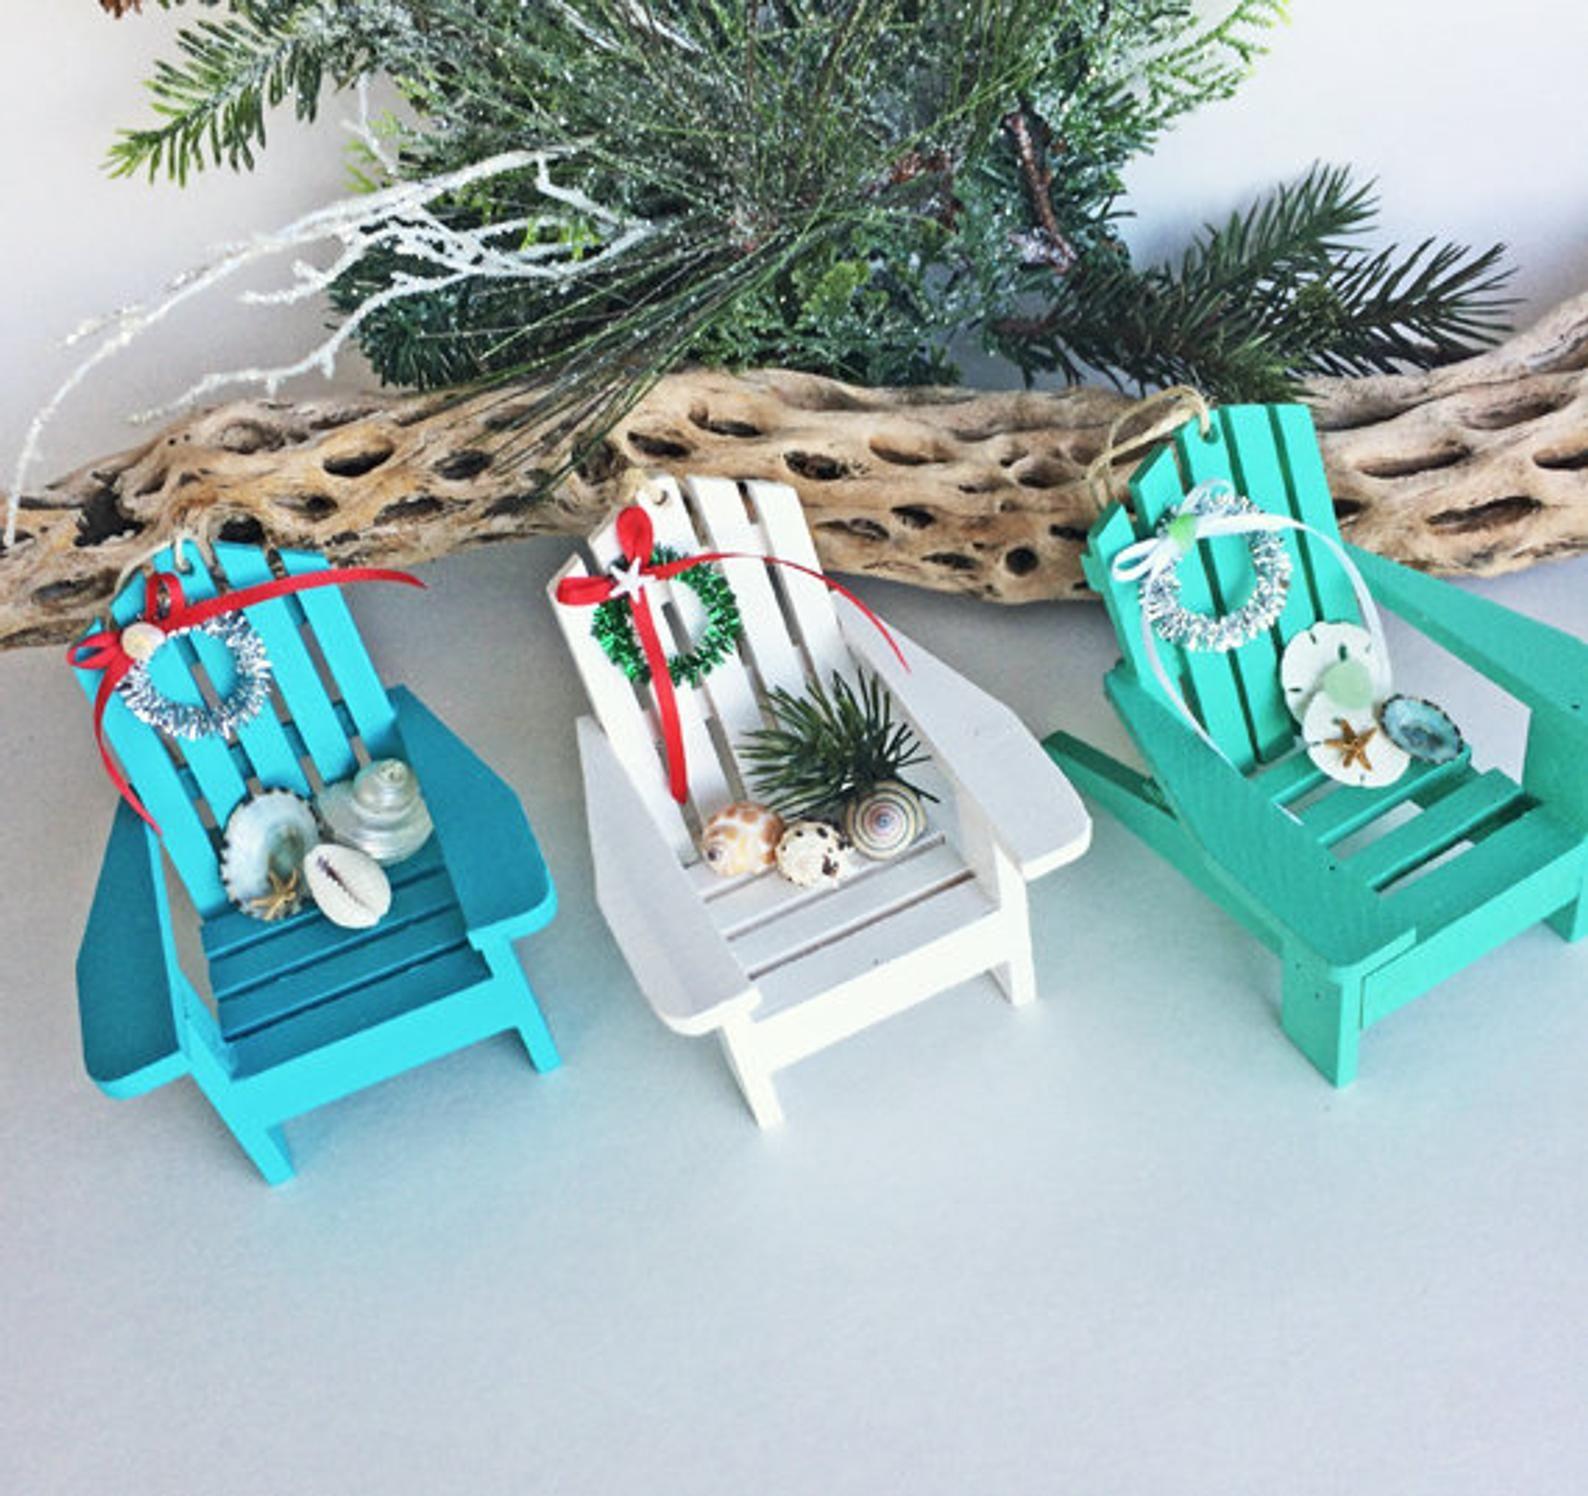 Beach Decor Christmas Ornament Mini Adirondack Chair Beach Chair